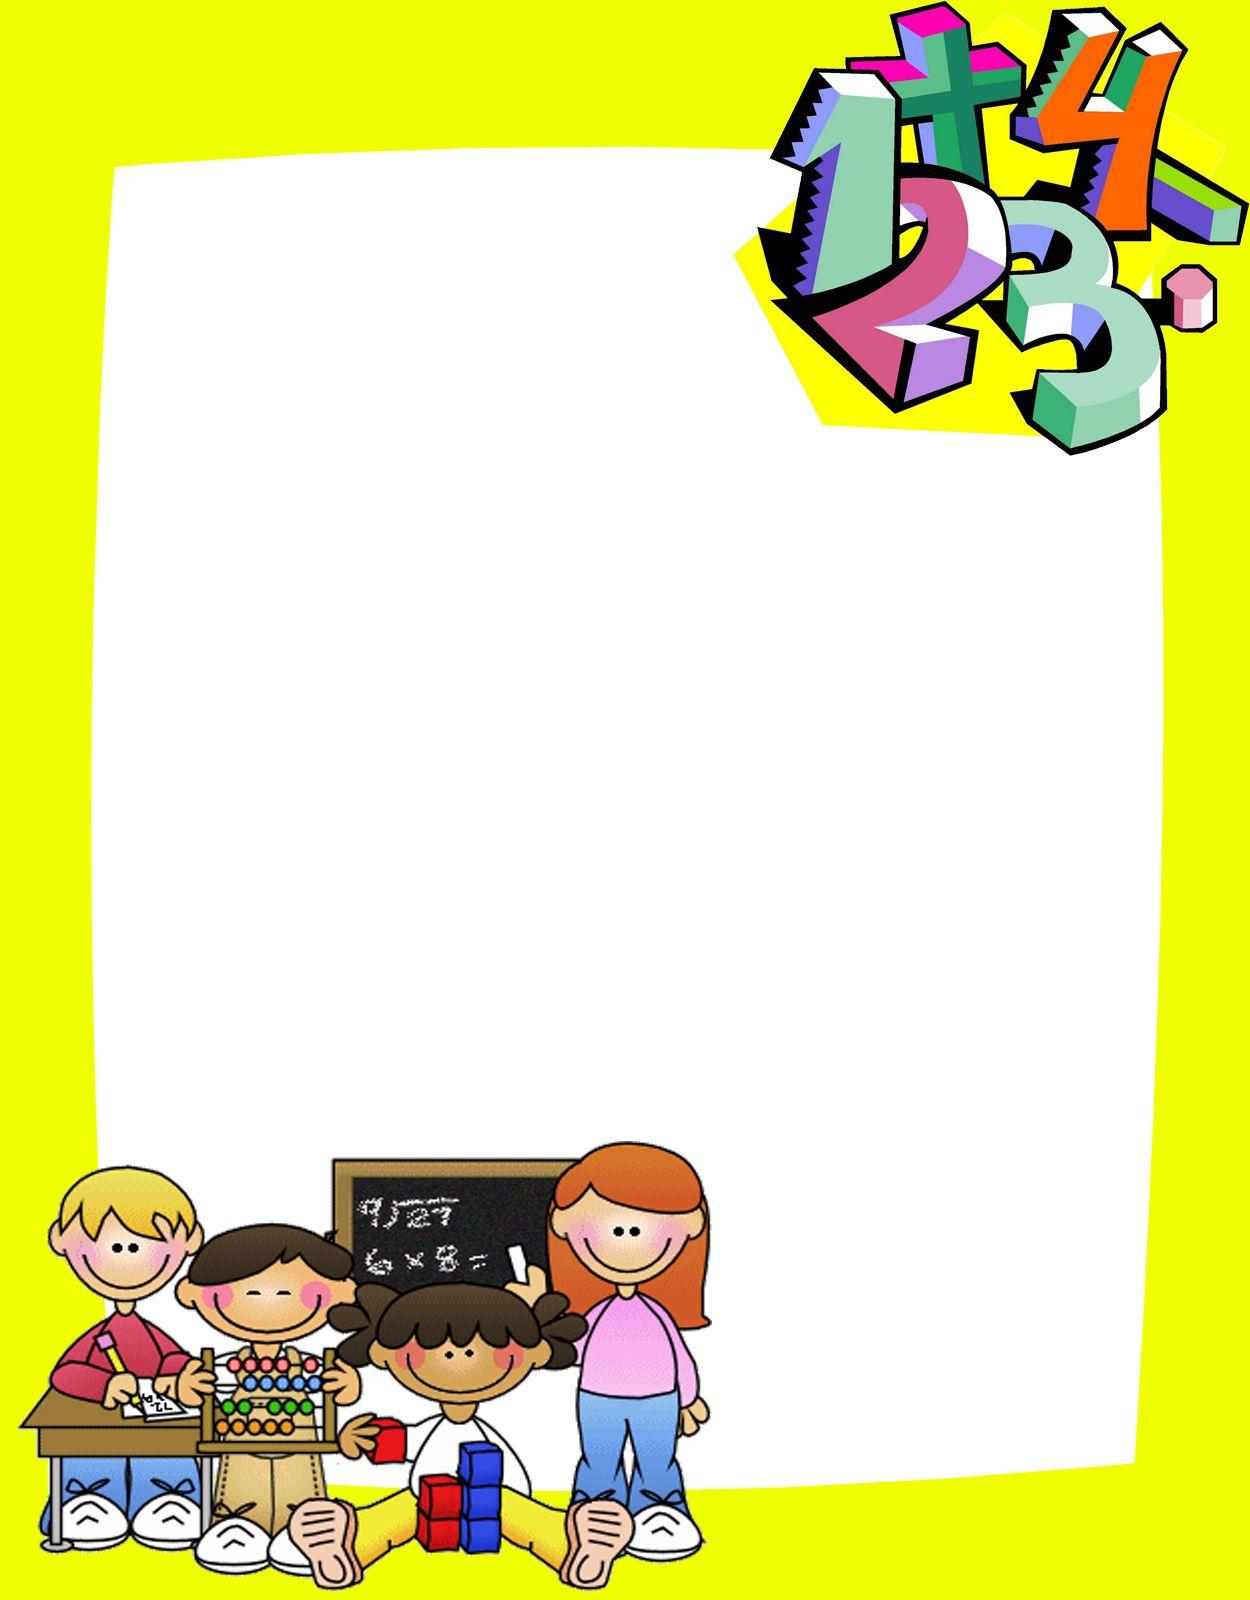 Caratulas-para-matemáticas.jpg (1250×1600) | Bordes, Marcos y ...